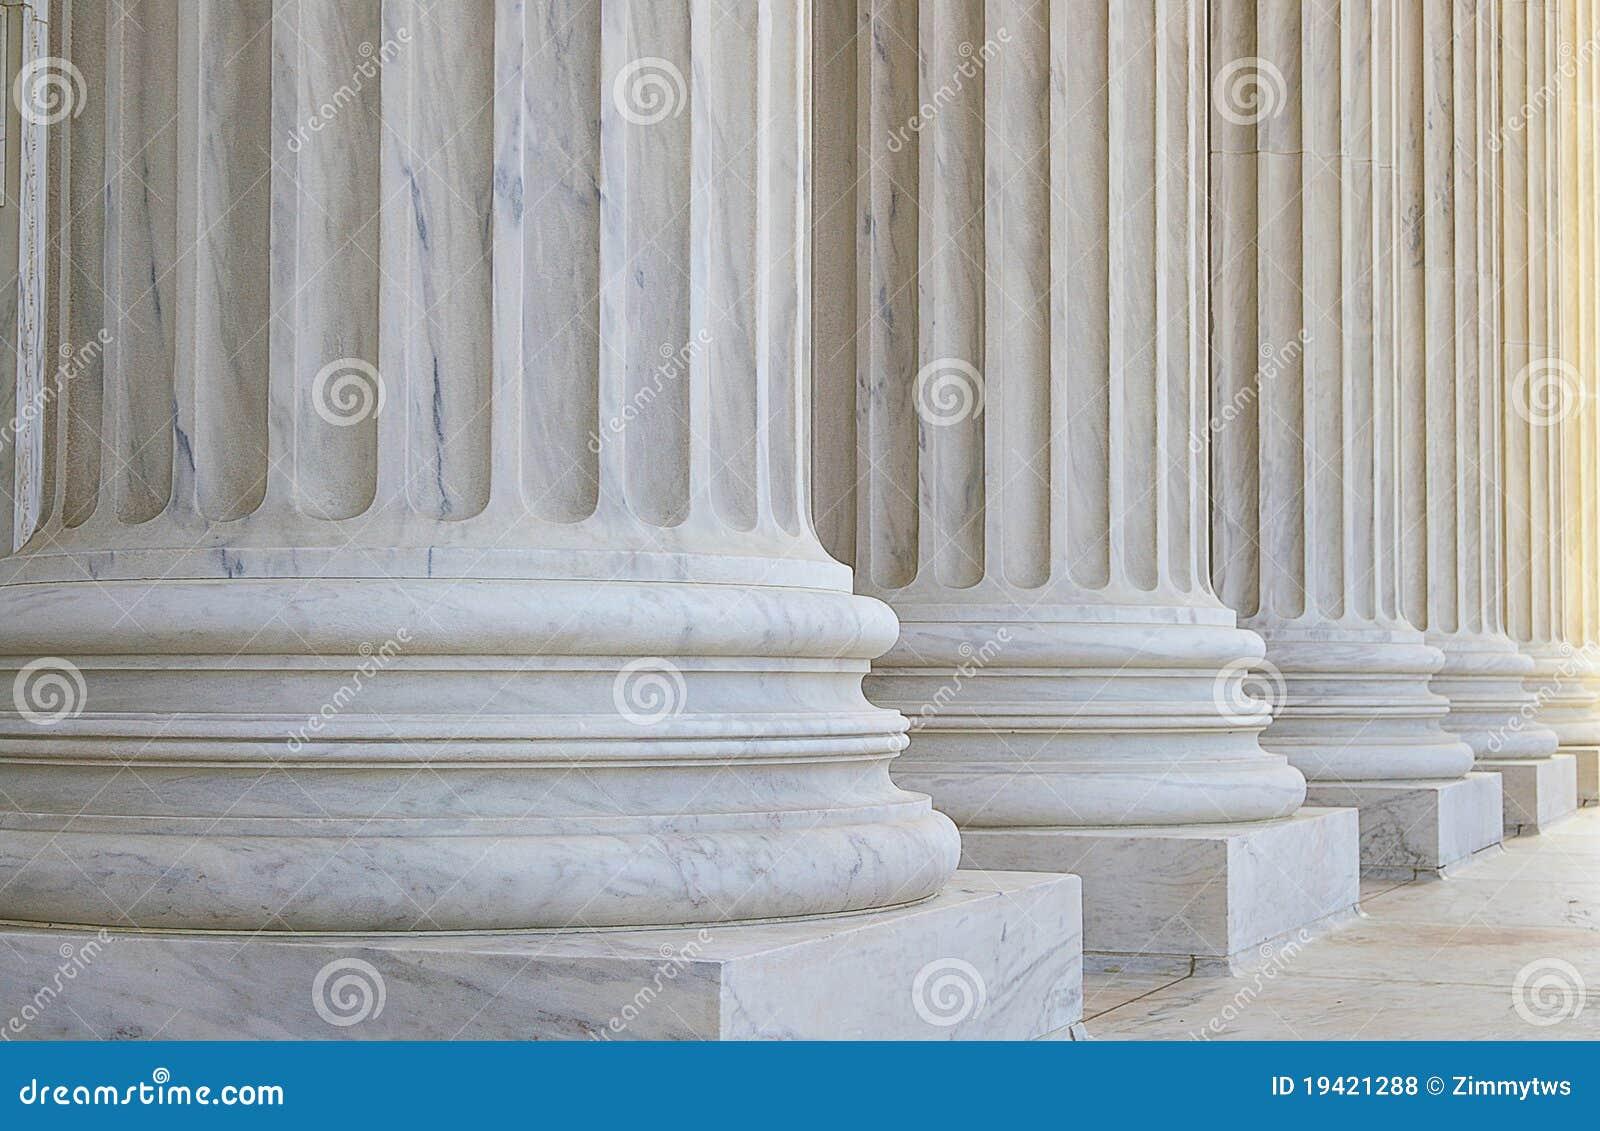 Gerichtspalten